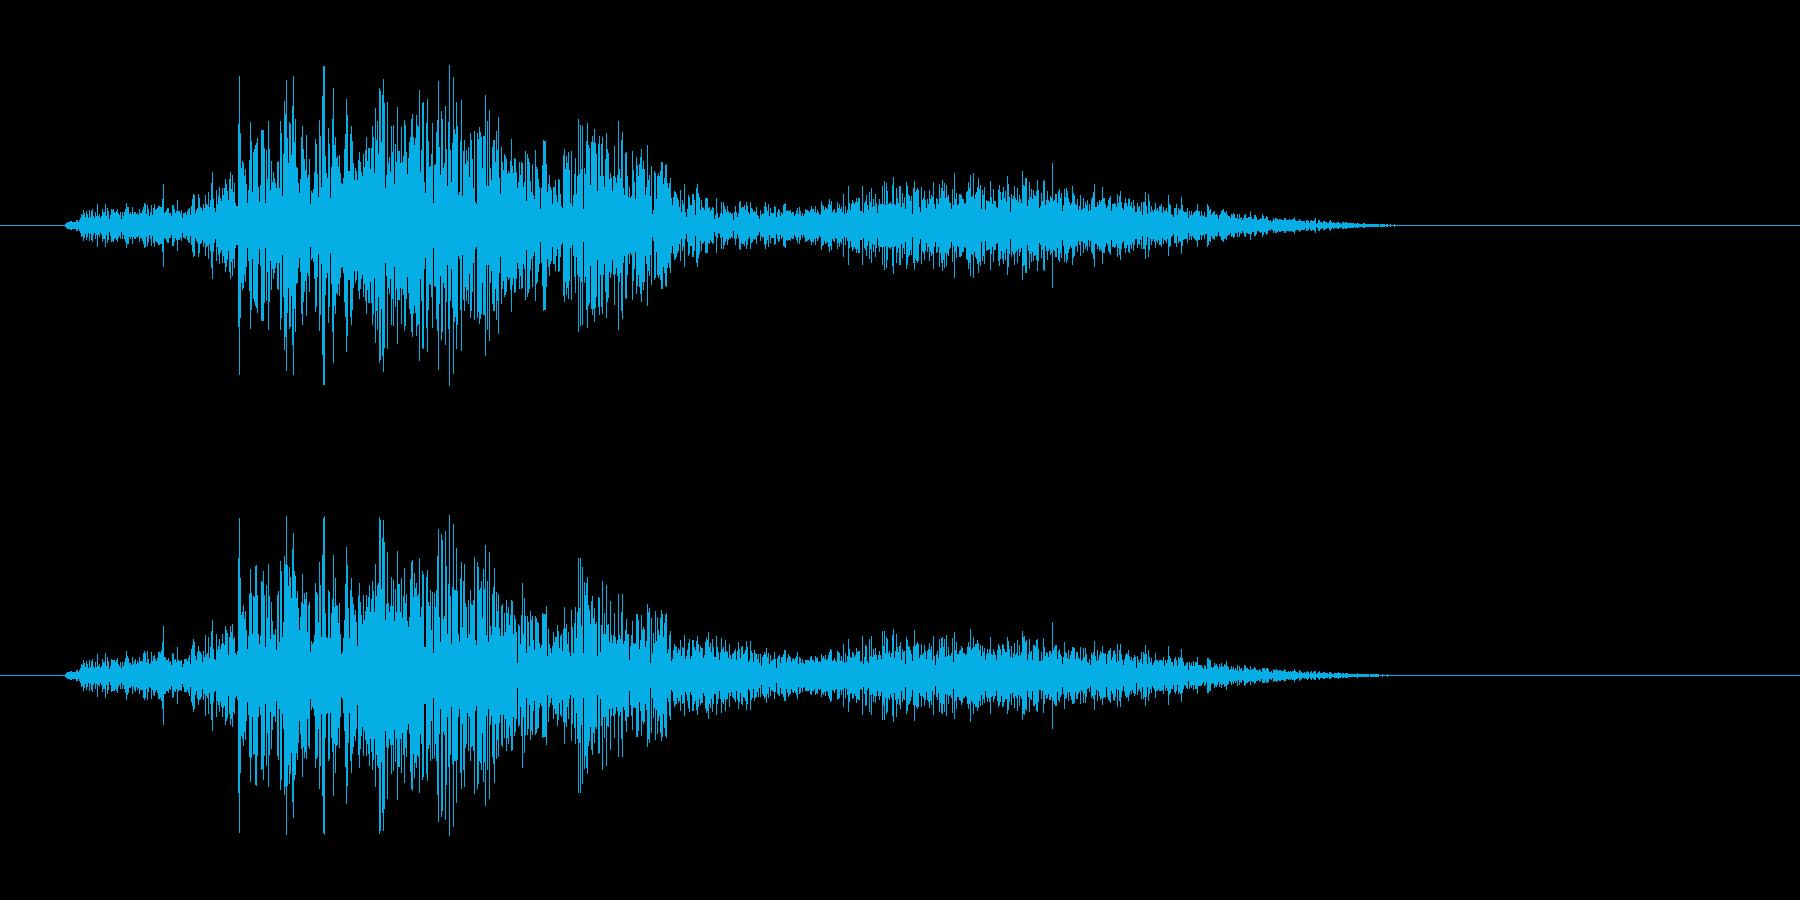 侍魂溢れる和風掛け声「断(Tatsu)」の再生済みの波形